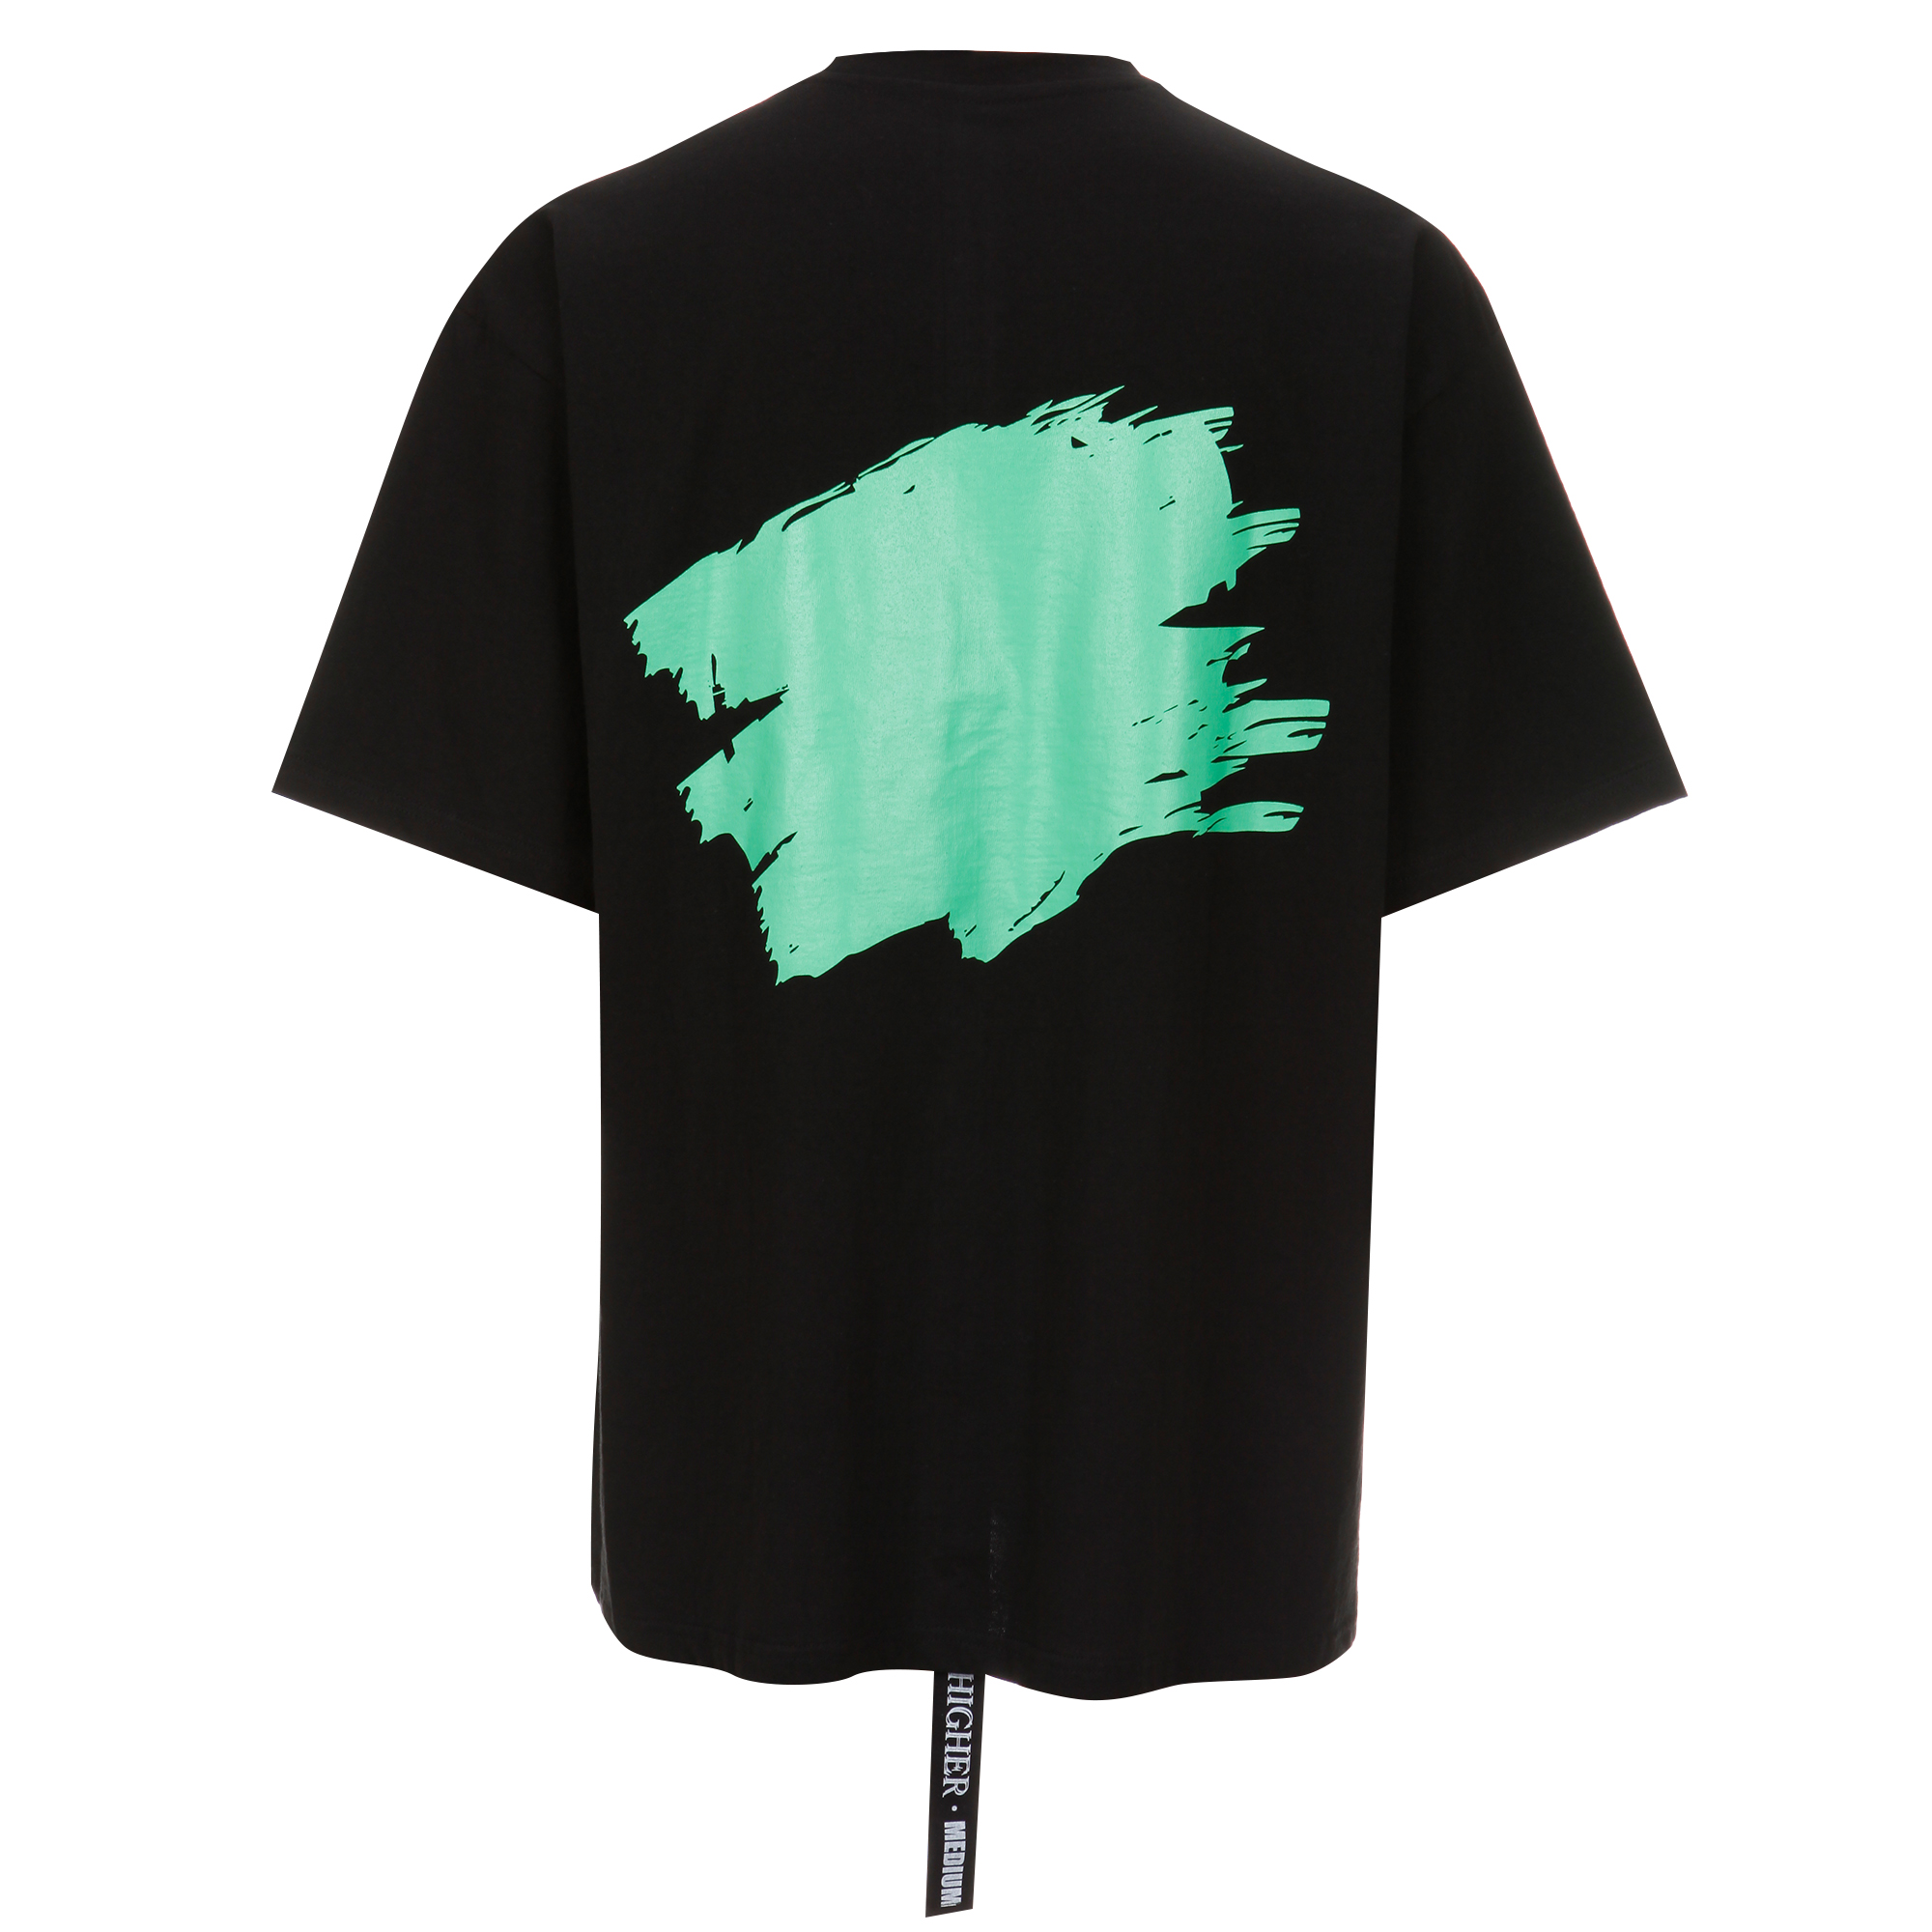 하이어 페인팅 티셔츠 / 그린